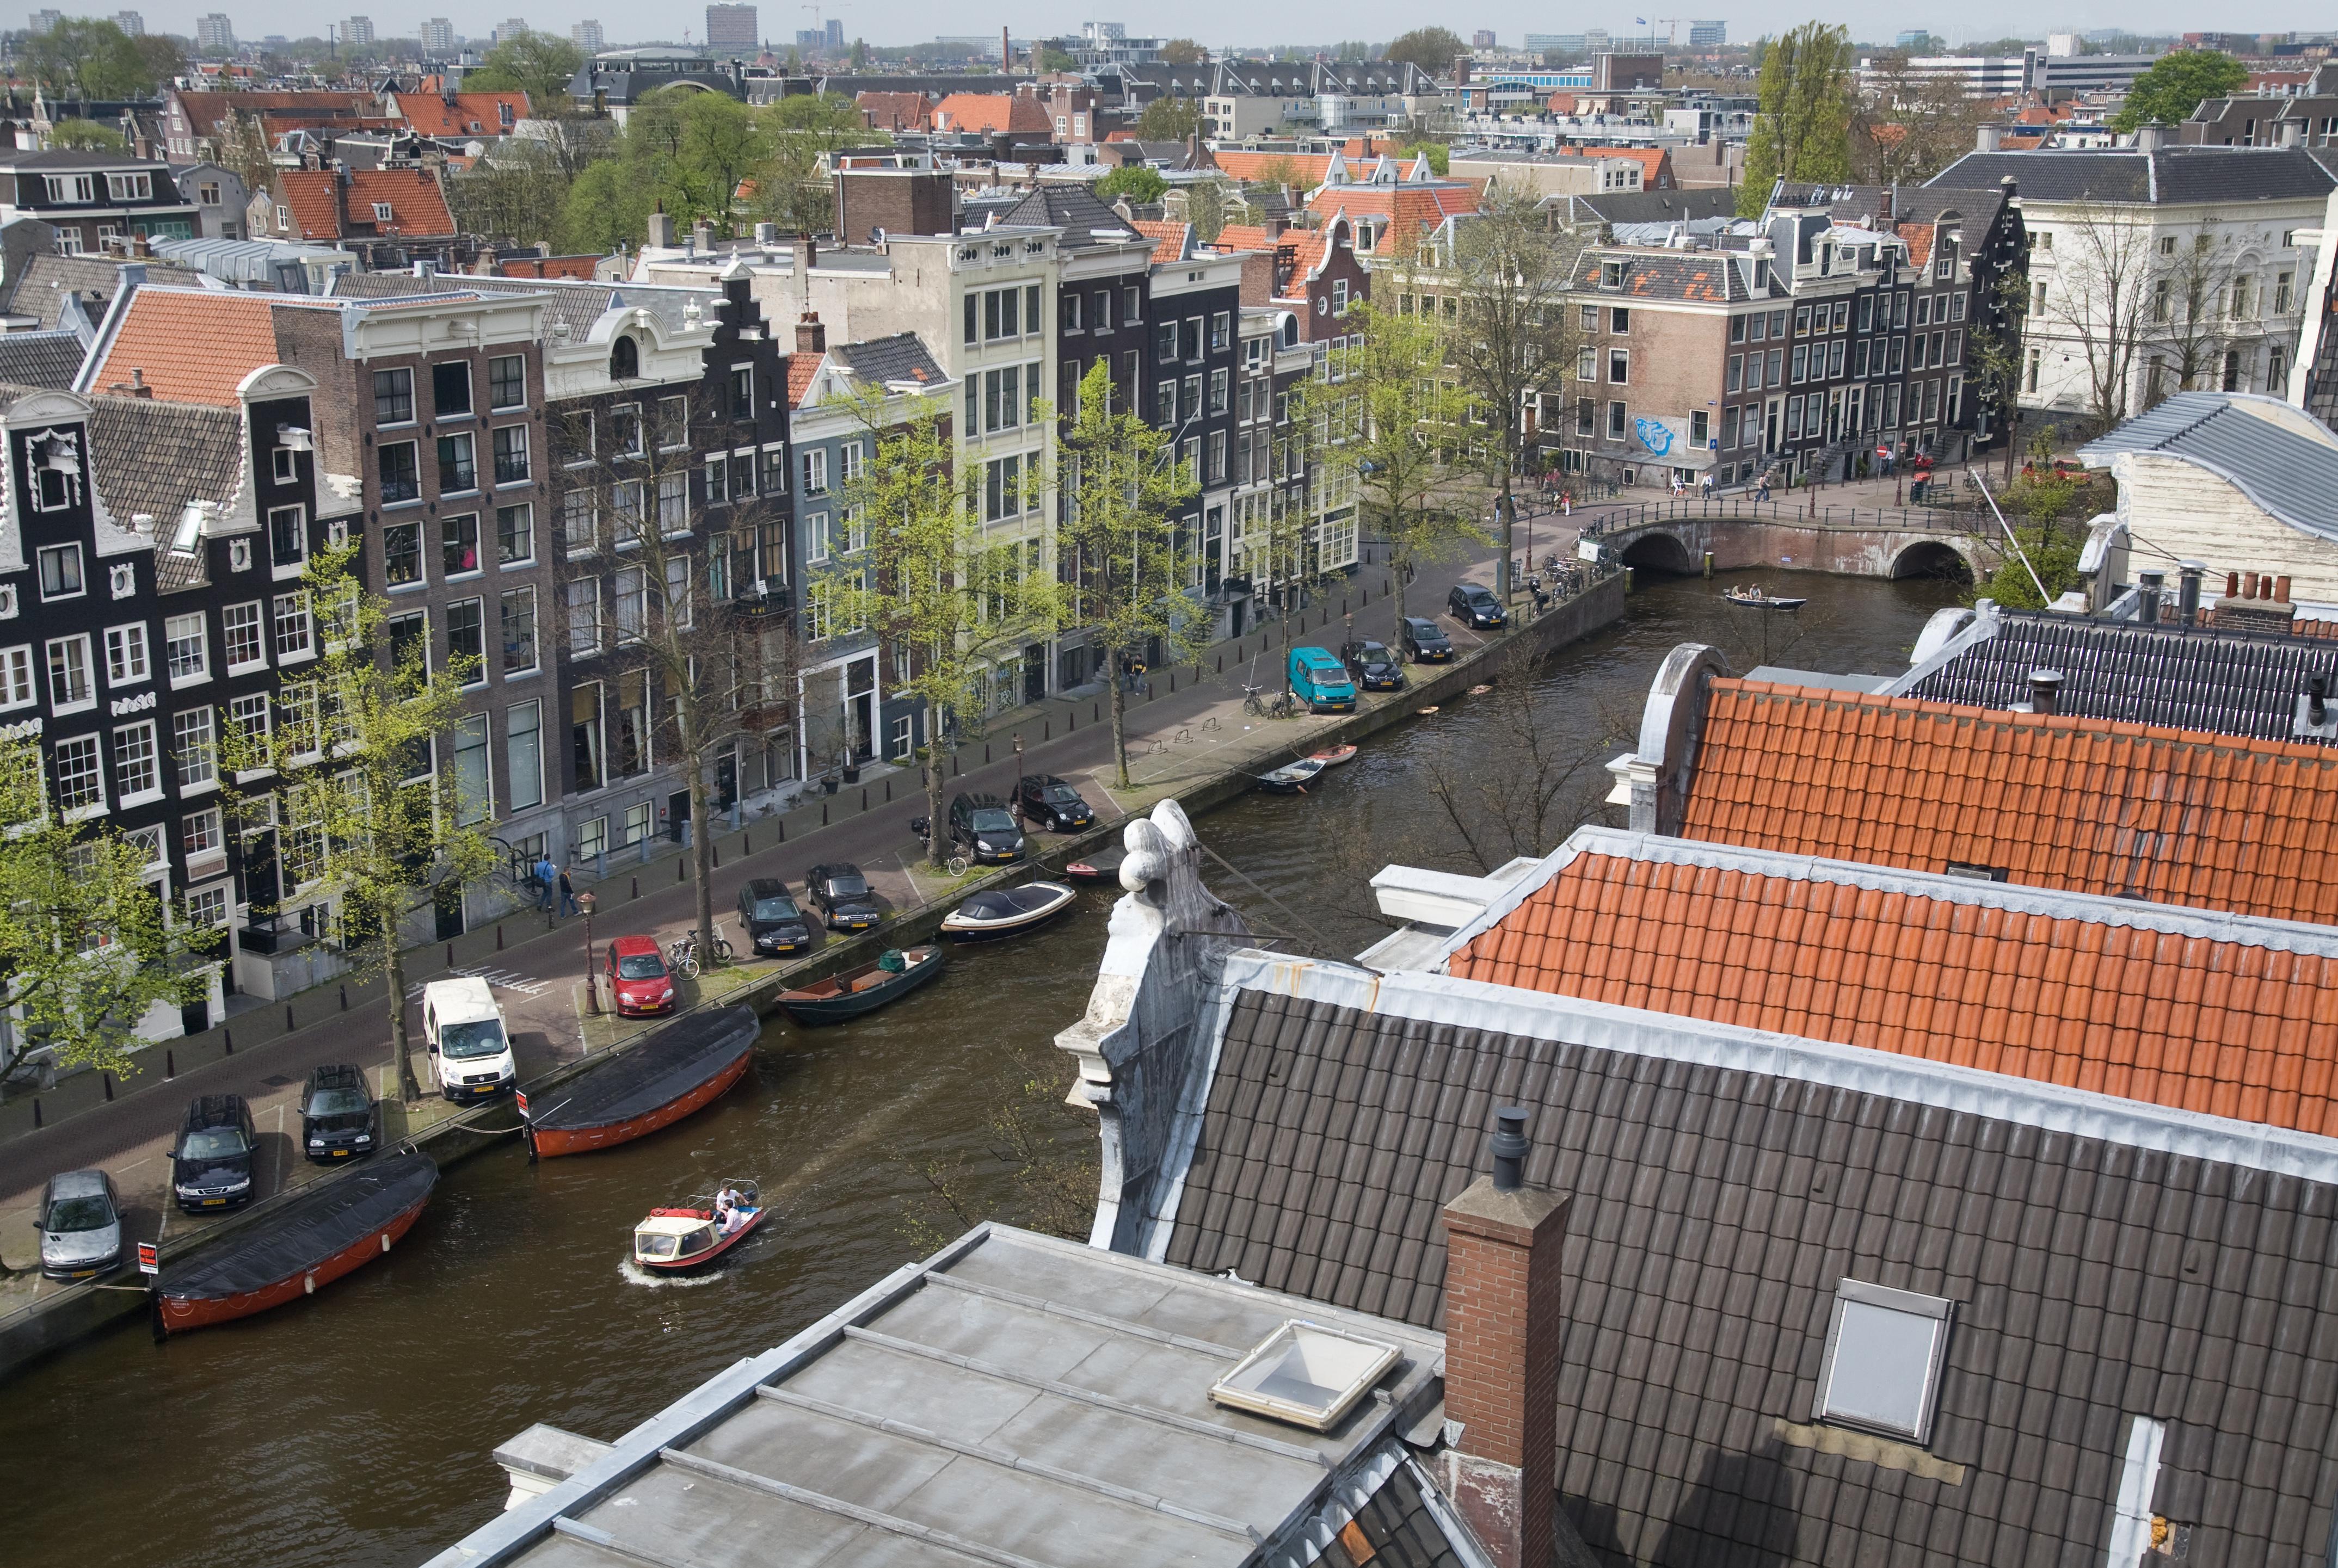 File:Amsterdam - Keizersgracht - 1364.jpg